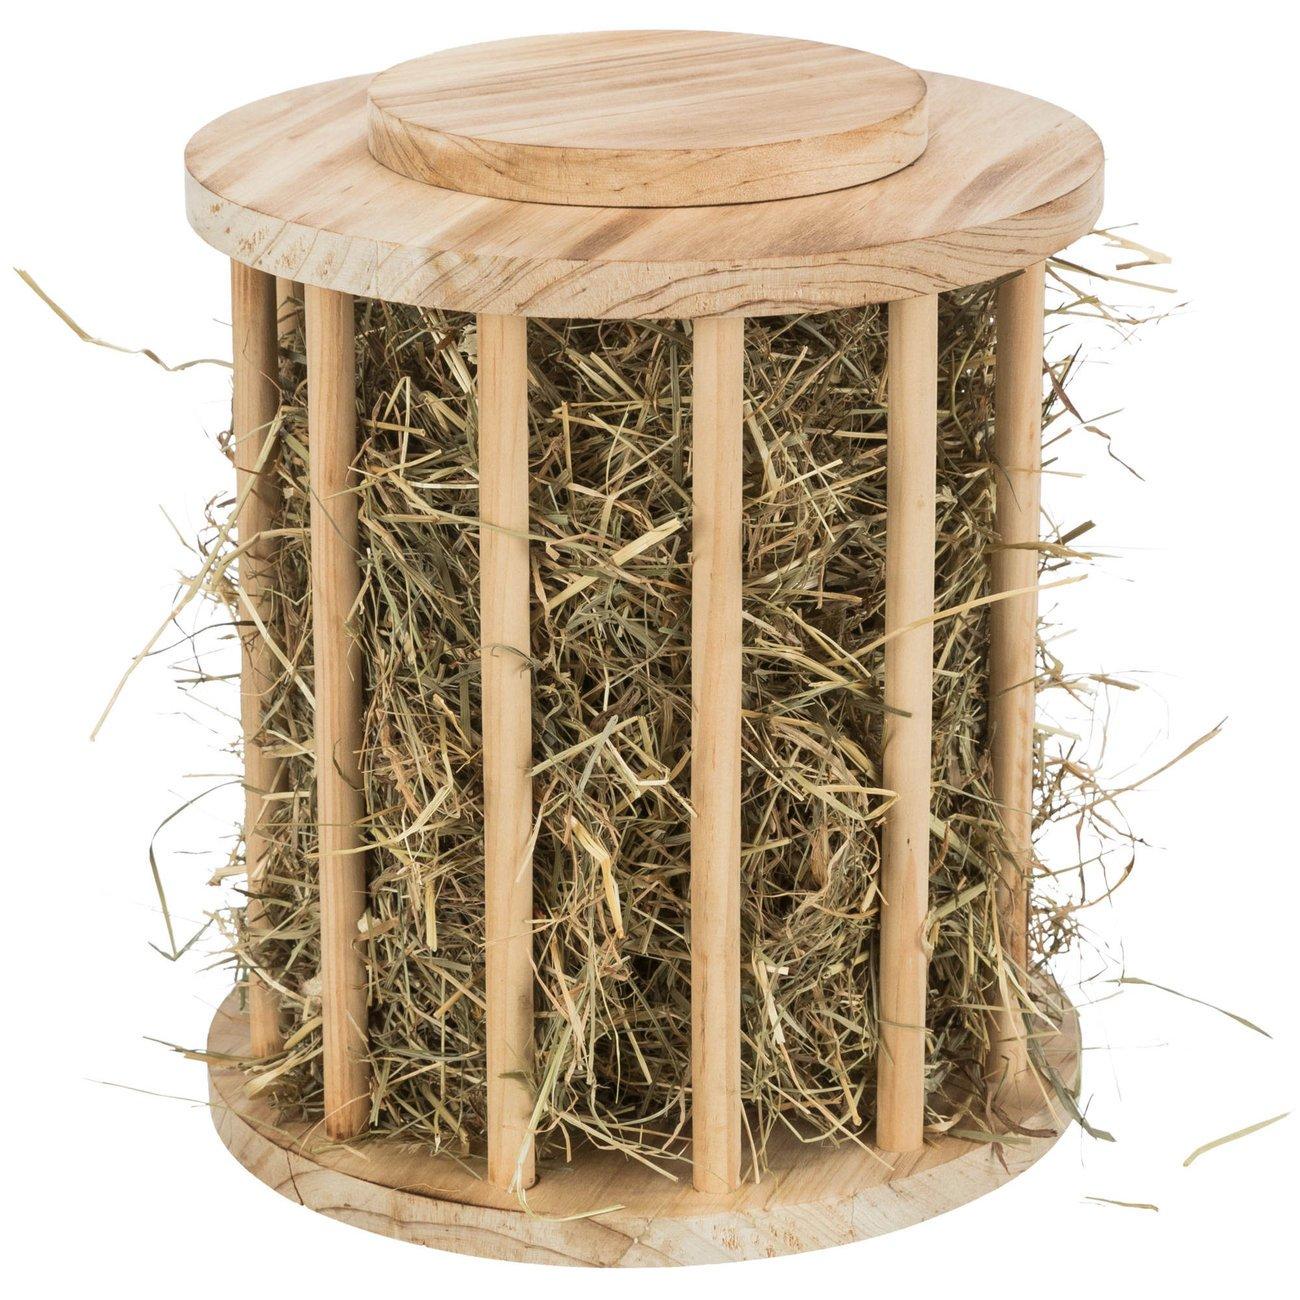 Kleintier Heuraufe rund mit Deckel Holz, geflammt Bild 3